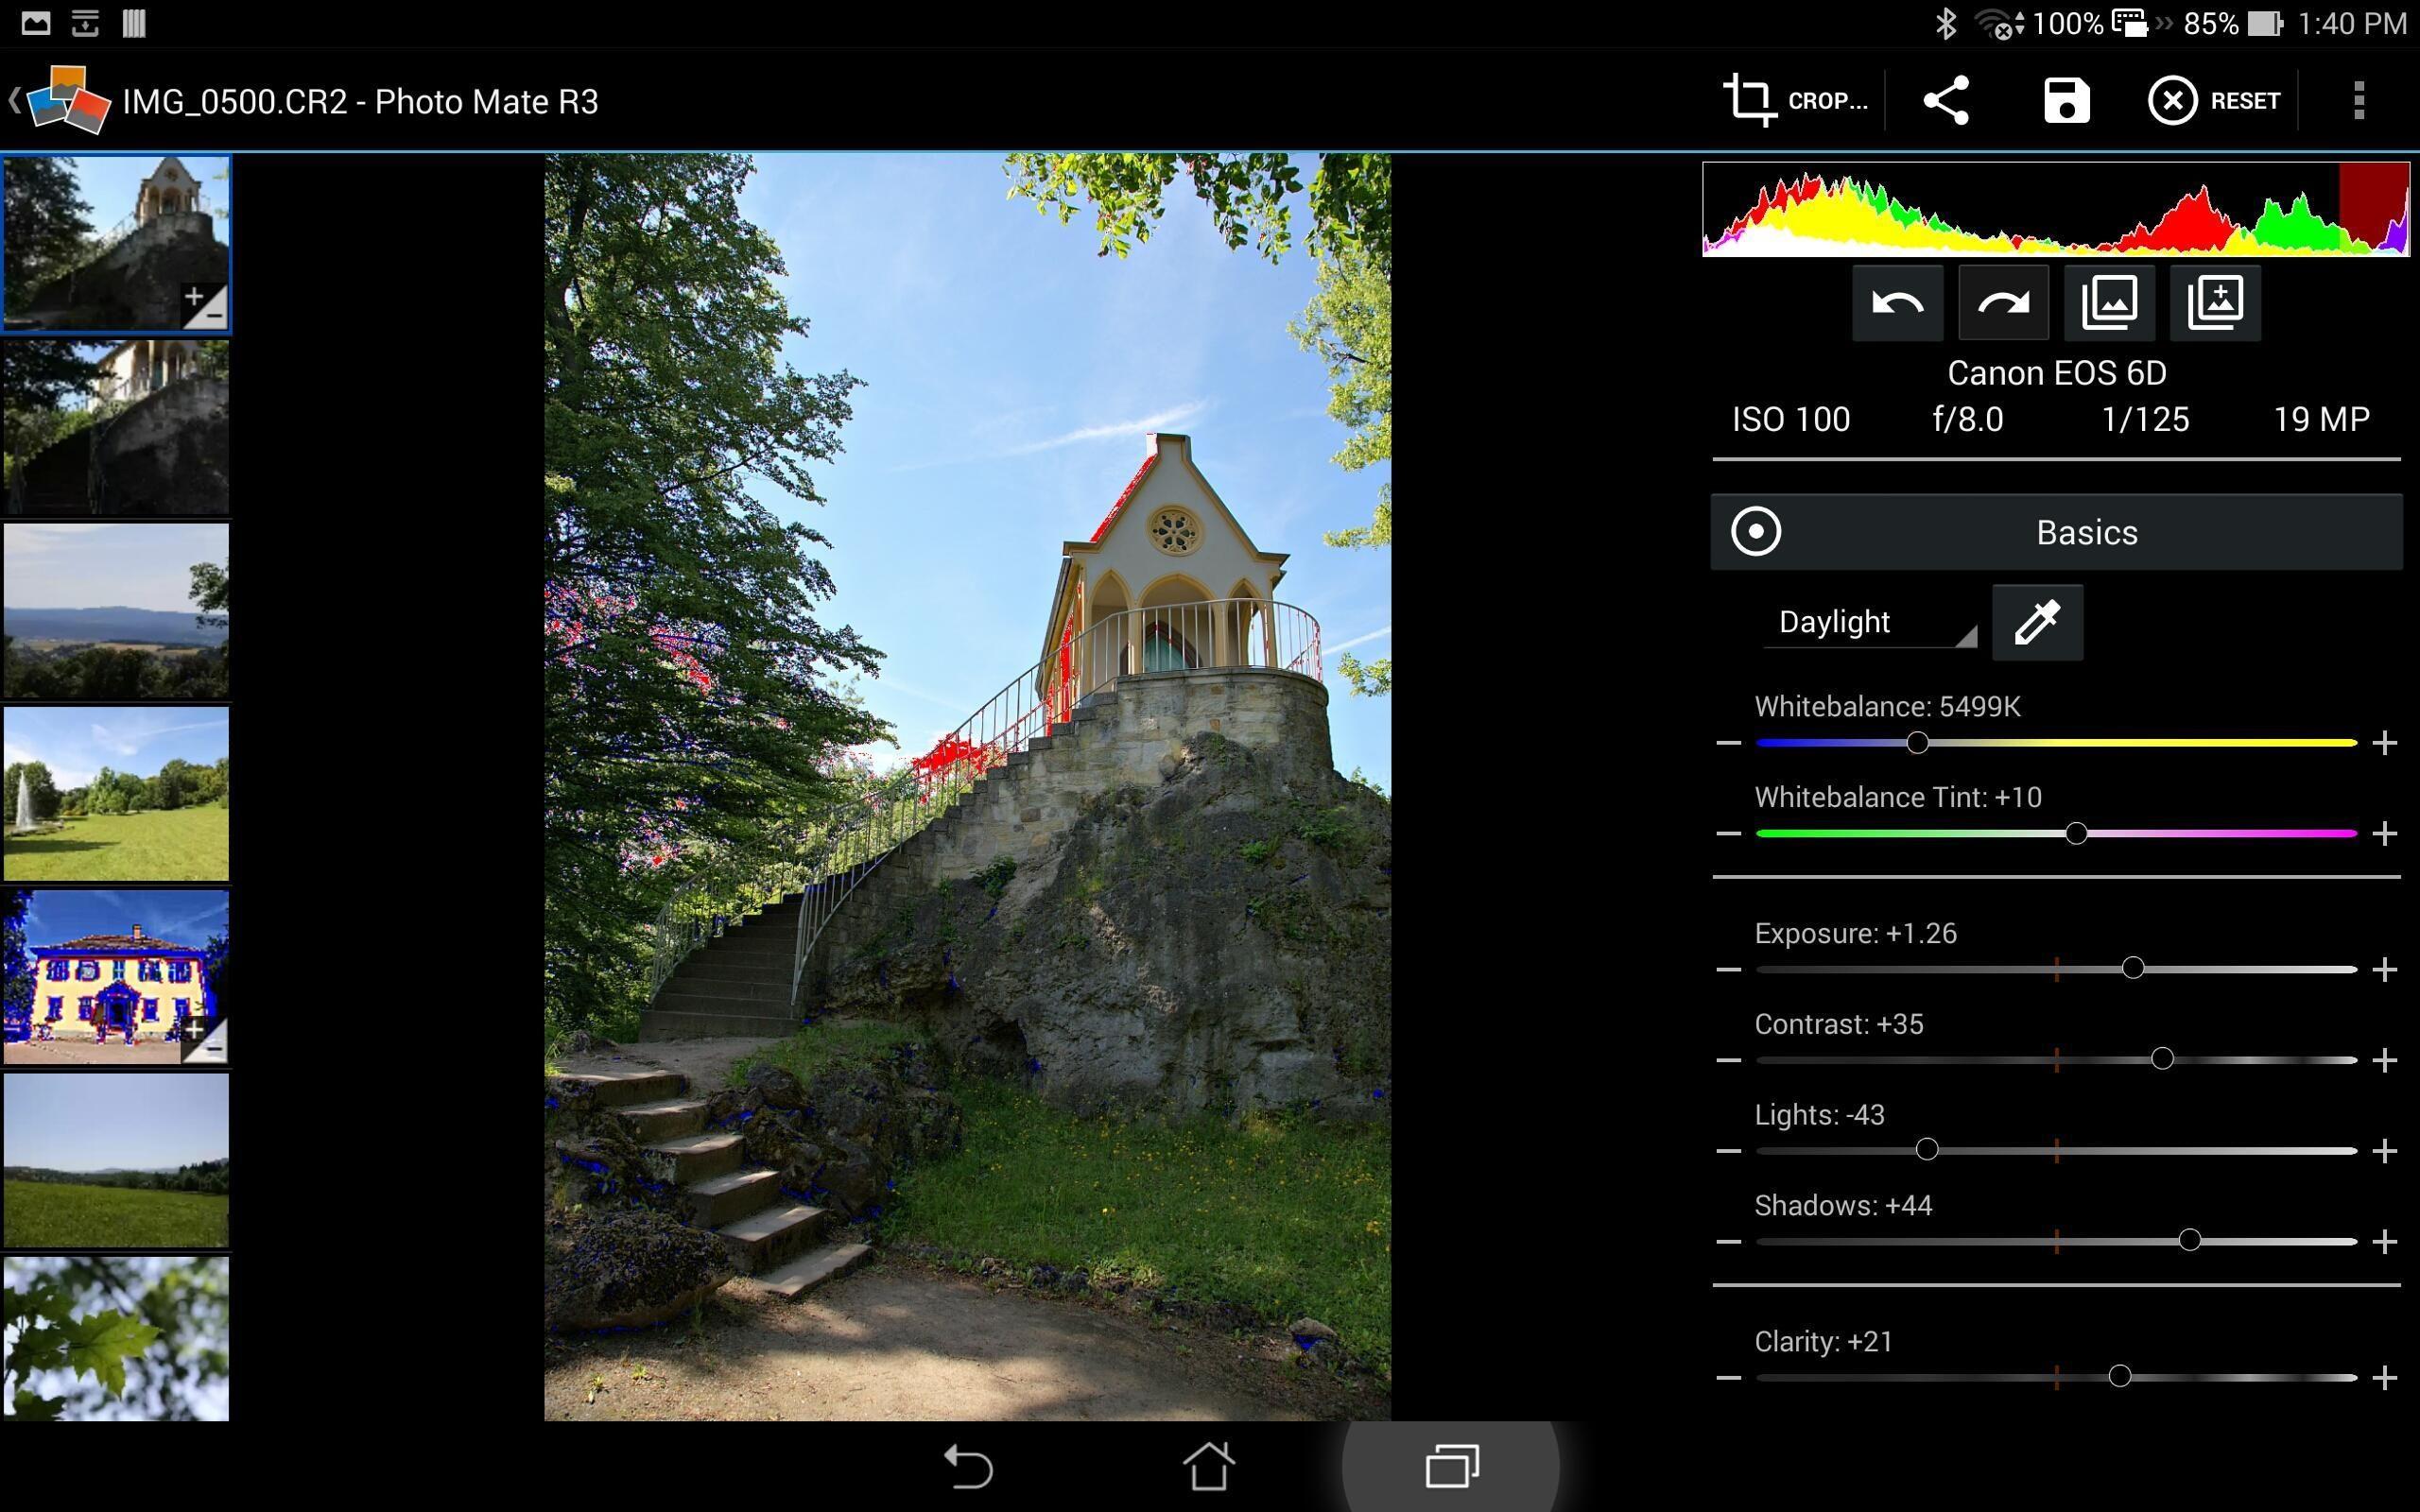 12 phần mềm chỉnh sửa ảnh trên điện thoại iPhone và Android 'vạn người mê' 7